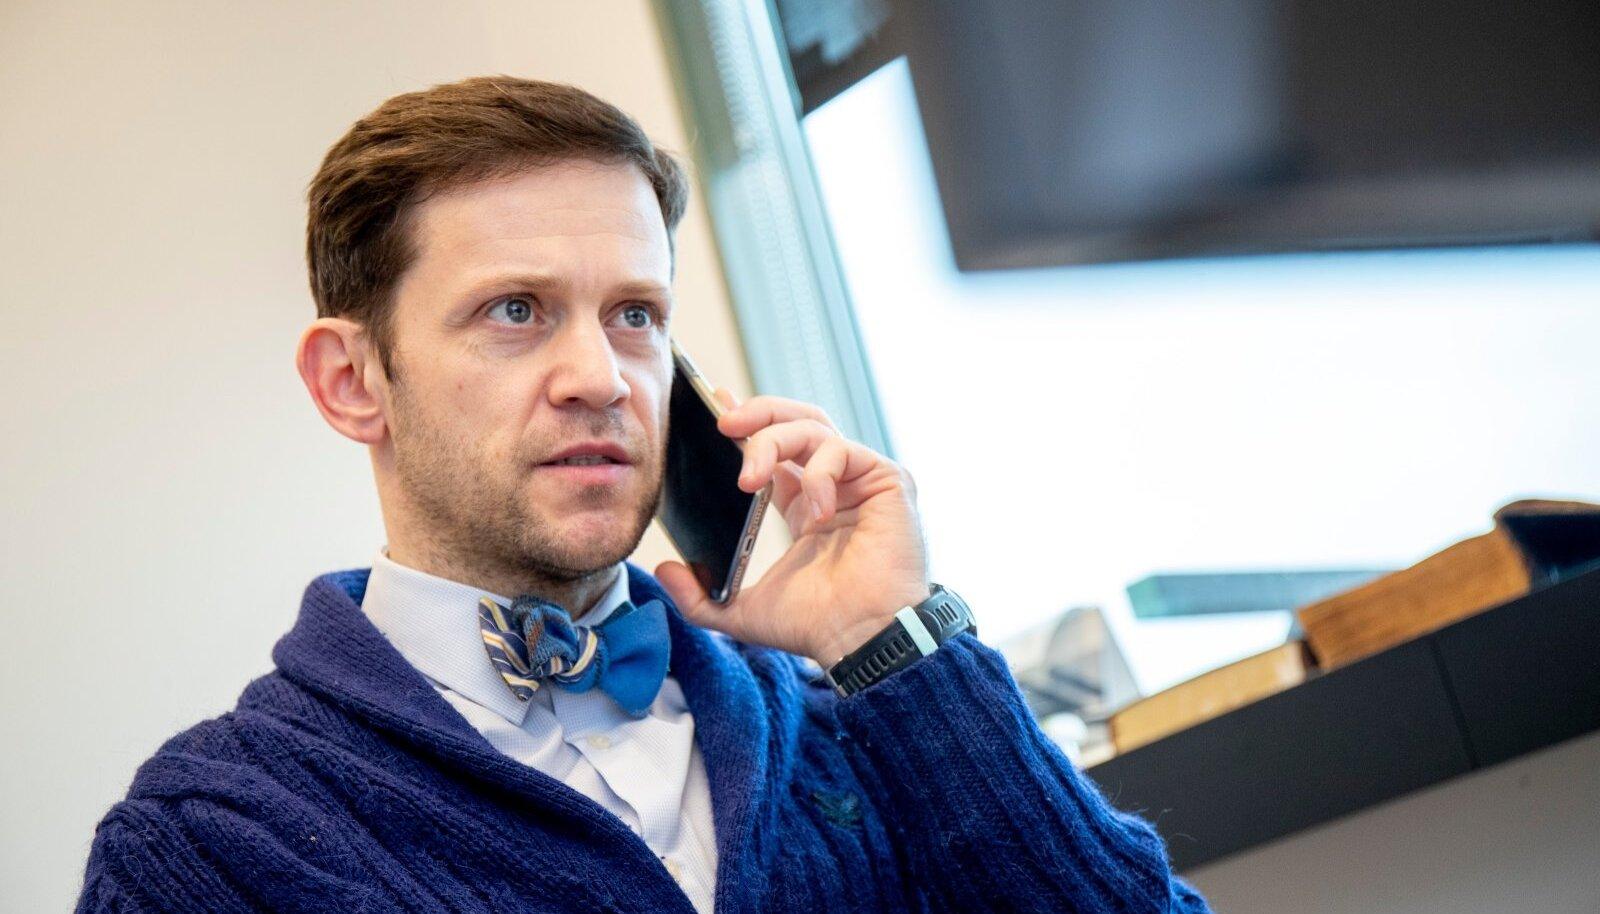 Risto Sepp on veendunud, et inimeste vastutustunde suurendamine on investeering tulevikku, tänu millele austatakse üksteist rohkem.